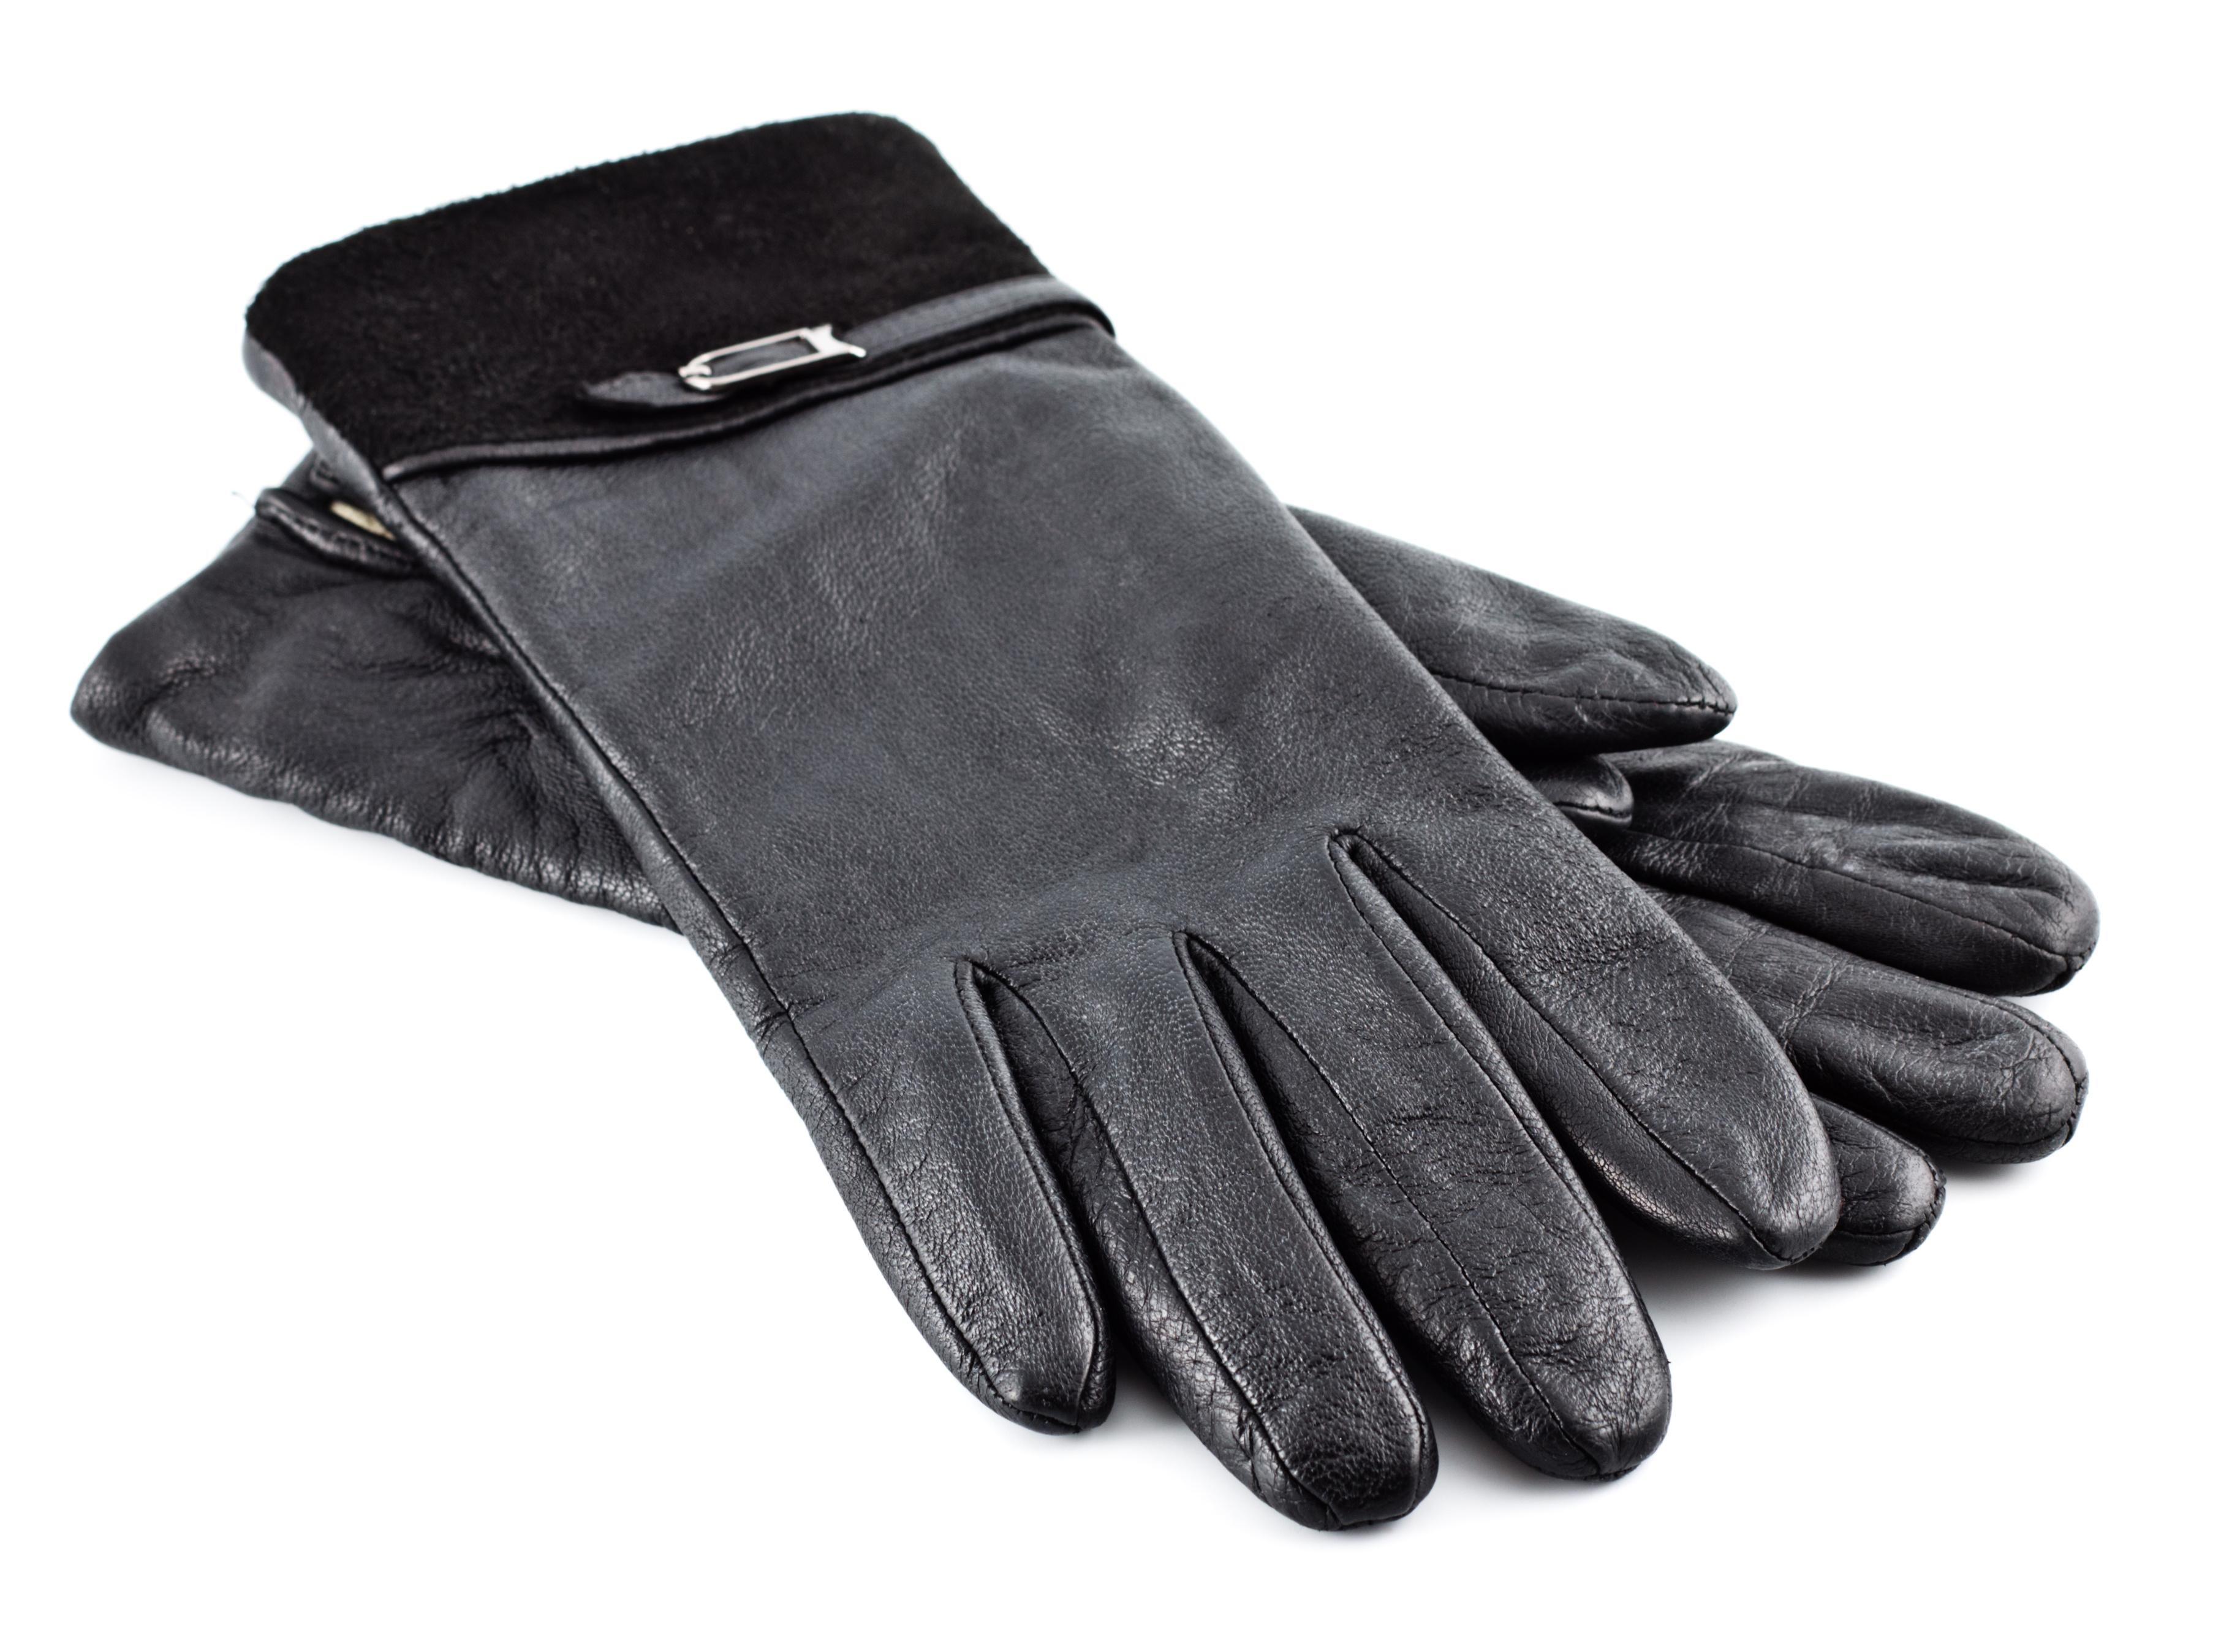 革の手袋ならではのタブー